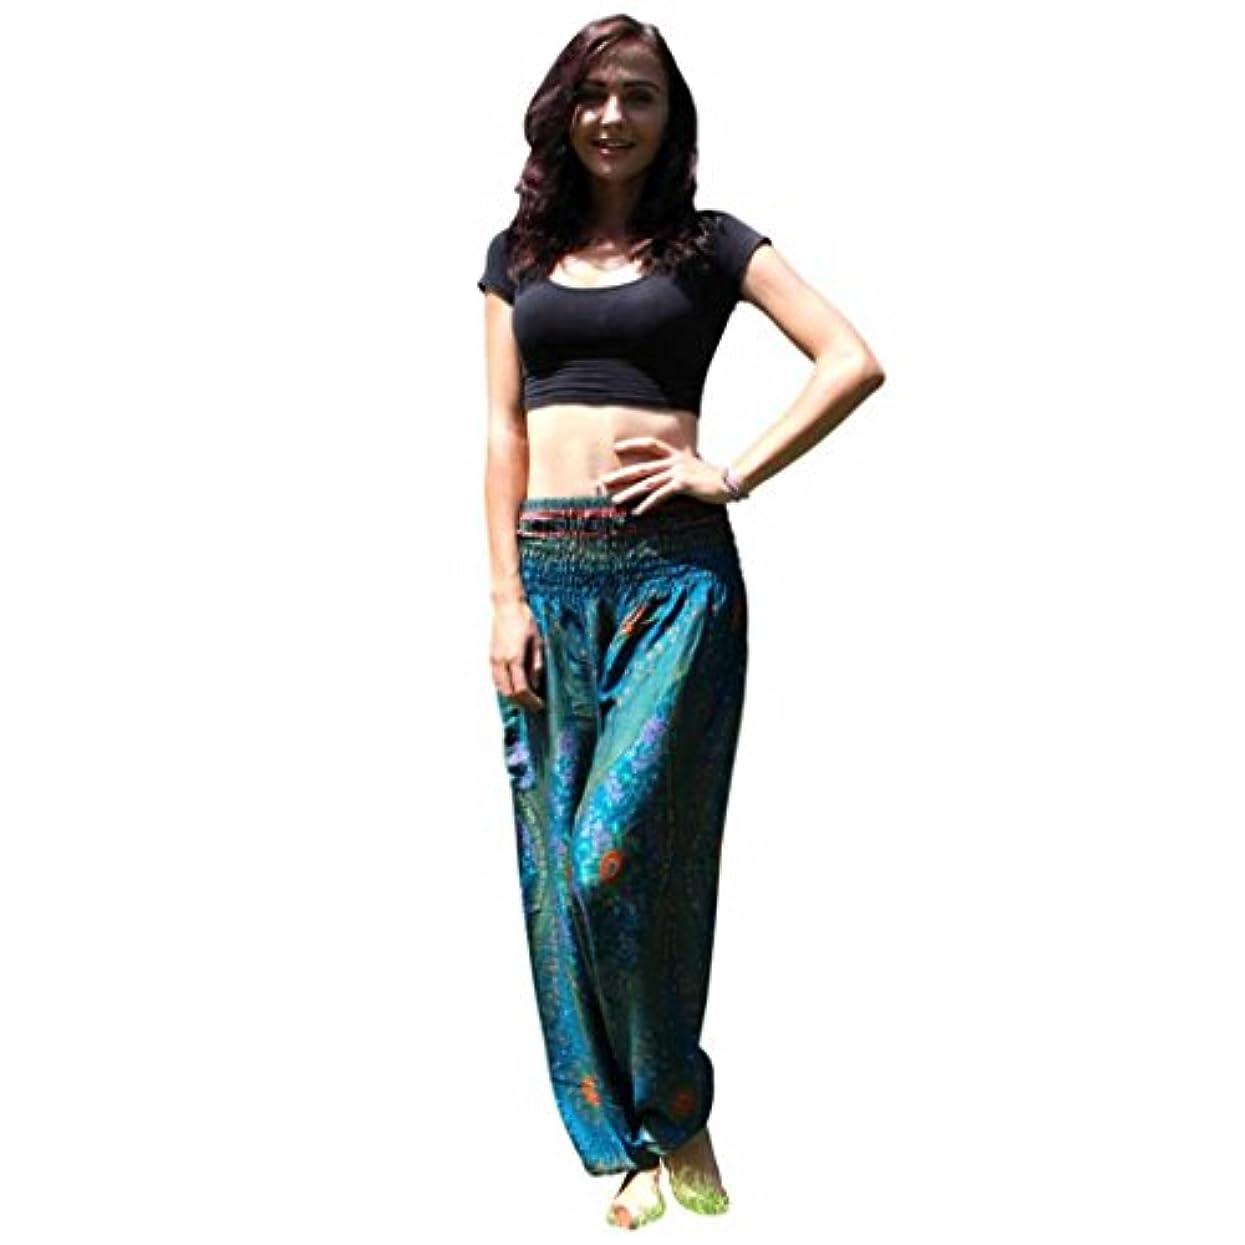 燃料身元ピストルMhomzawa パンツ男性女性タイのハレムのズボンフェスティバルヒッピーのスモックハイウエストのパンツのタイハーレムヨガ?パンツ